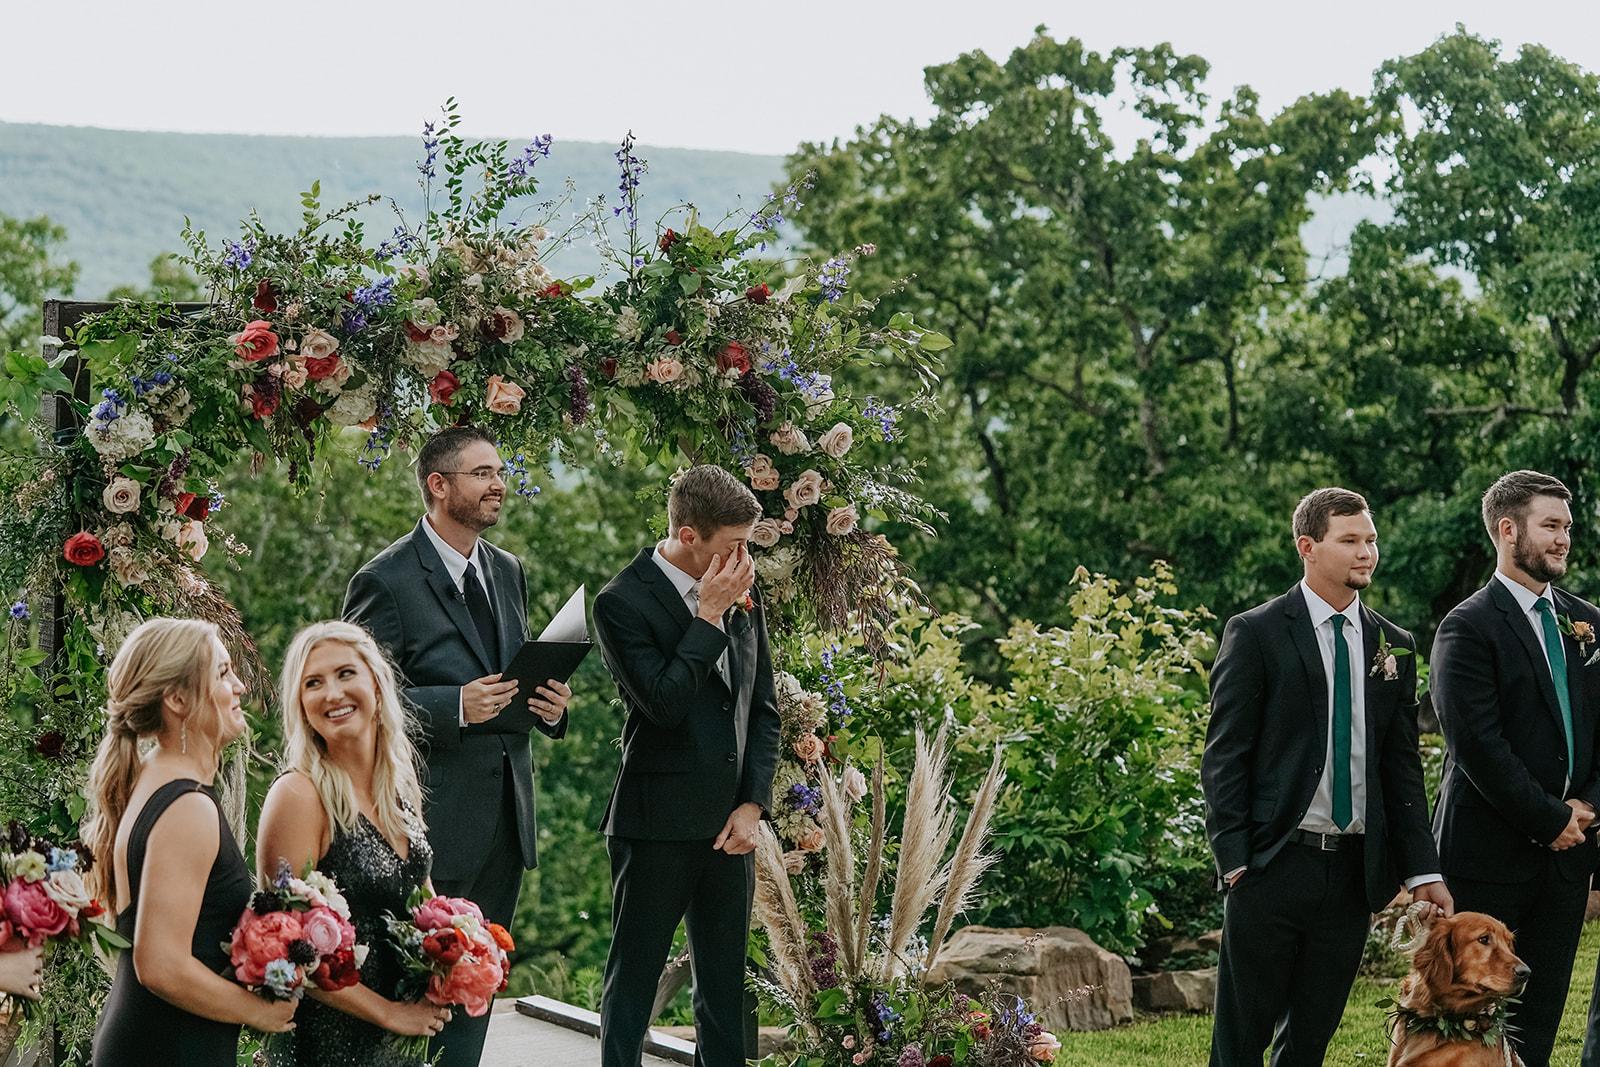 Oklahoma Outdoor Wedding Tulsa White Barn Venue 63a.jpg